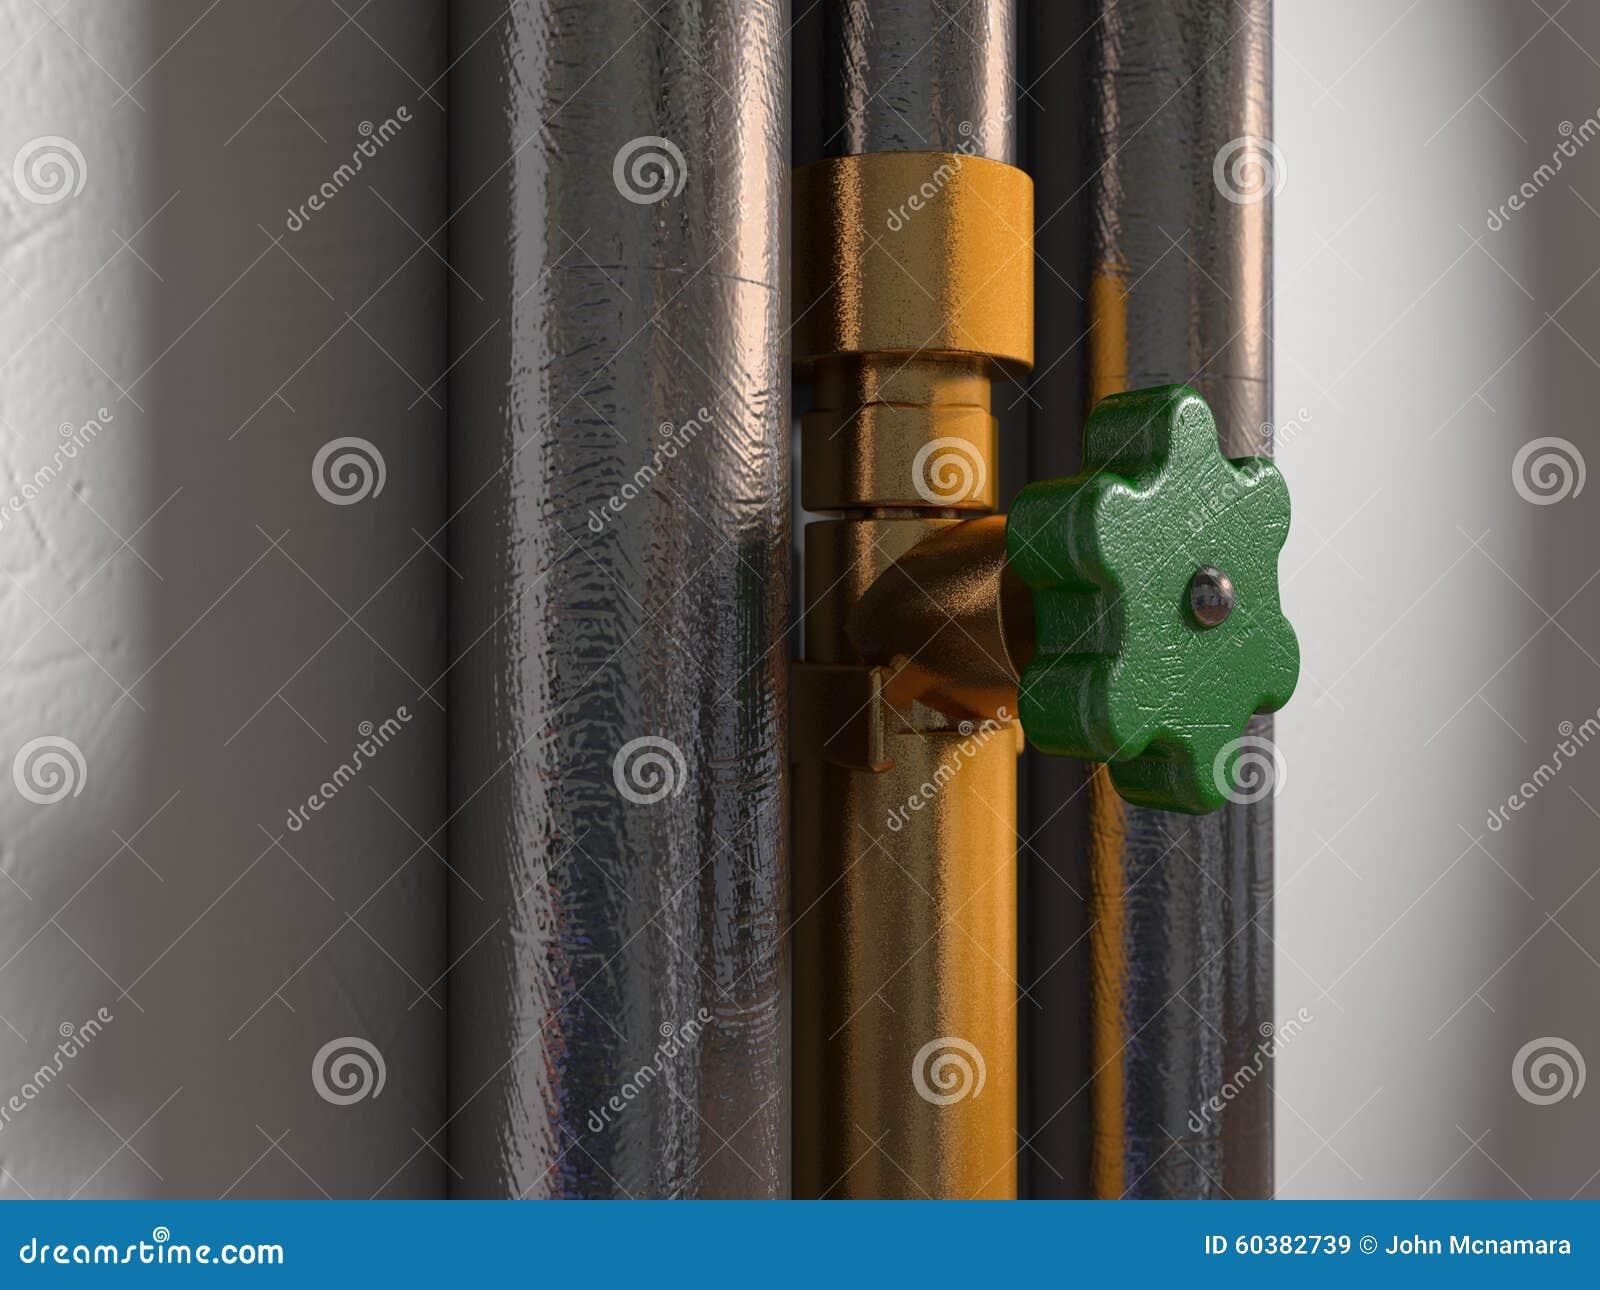 Dos tubos brillantes al lado de una instalación de tuberías de cobre amarillo y de un golpecito rasguñado